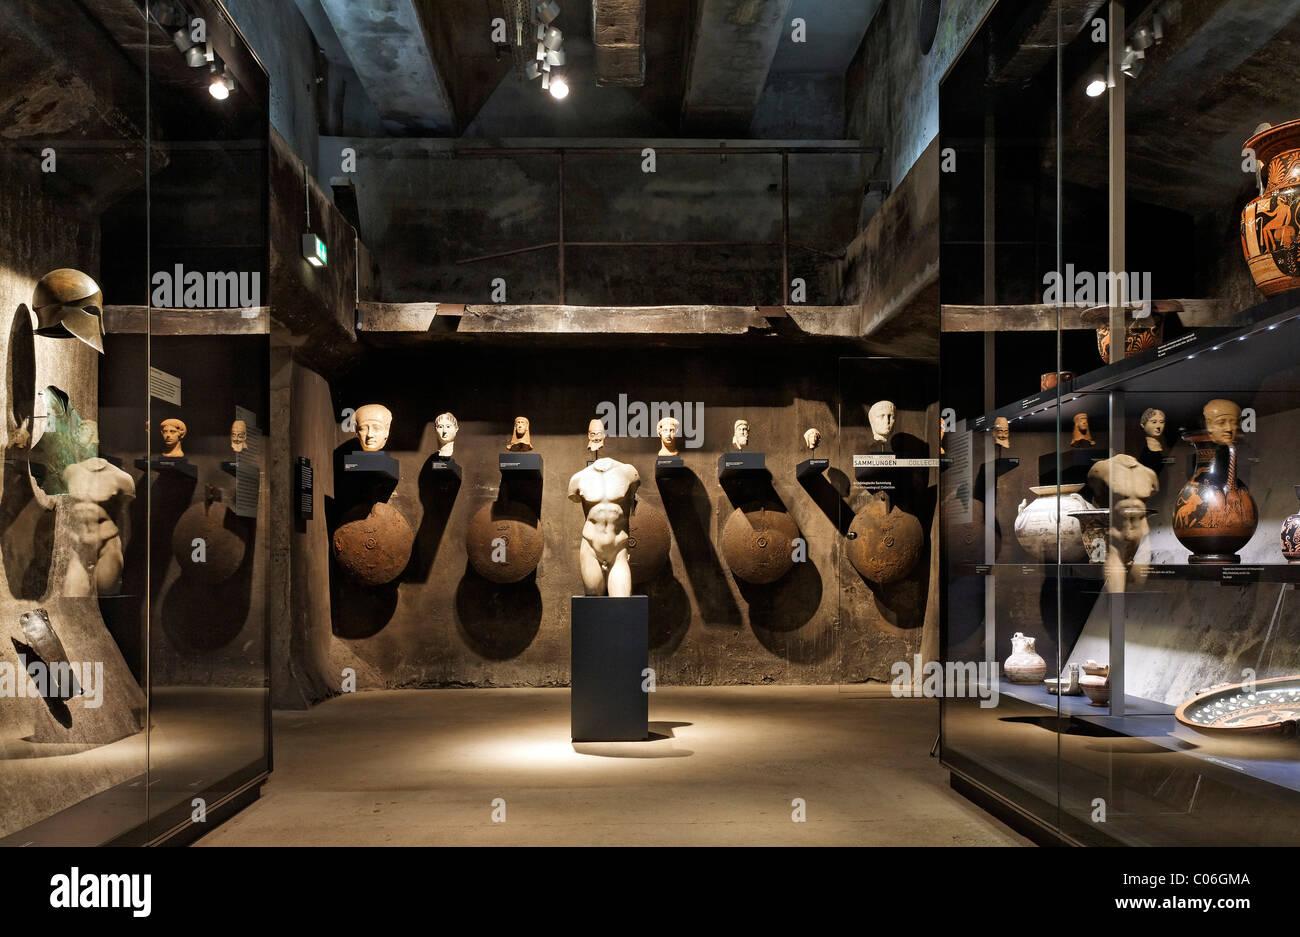 Archäologische Sammlung, neue Ruhr Museum, UNESCO World Heritage Site Zeche Zollverein, Essen, Ruhrgebiet-region Stockbild